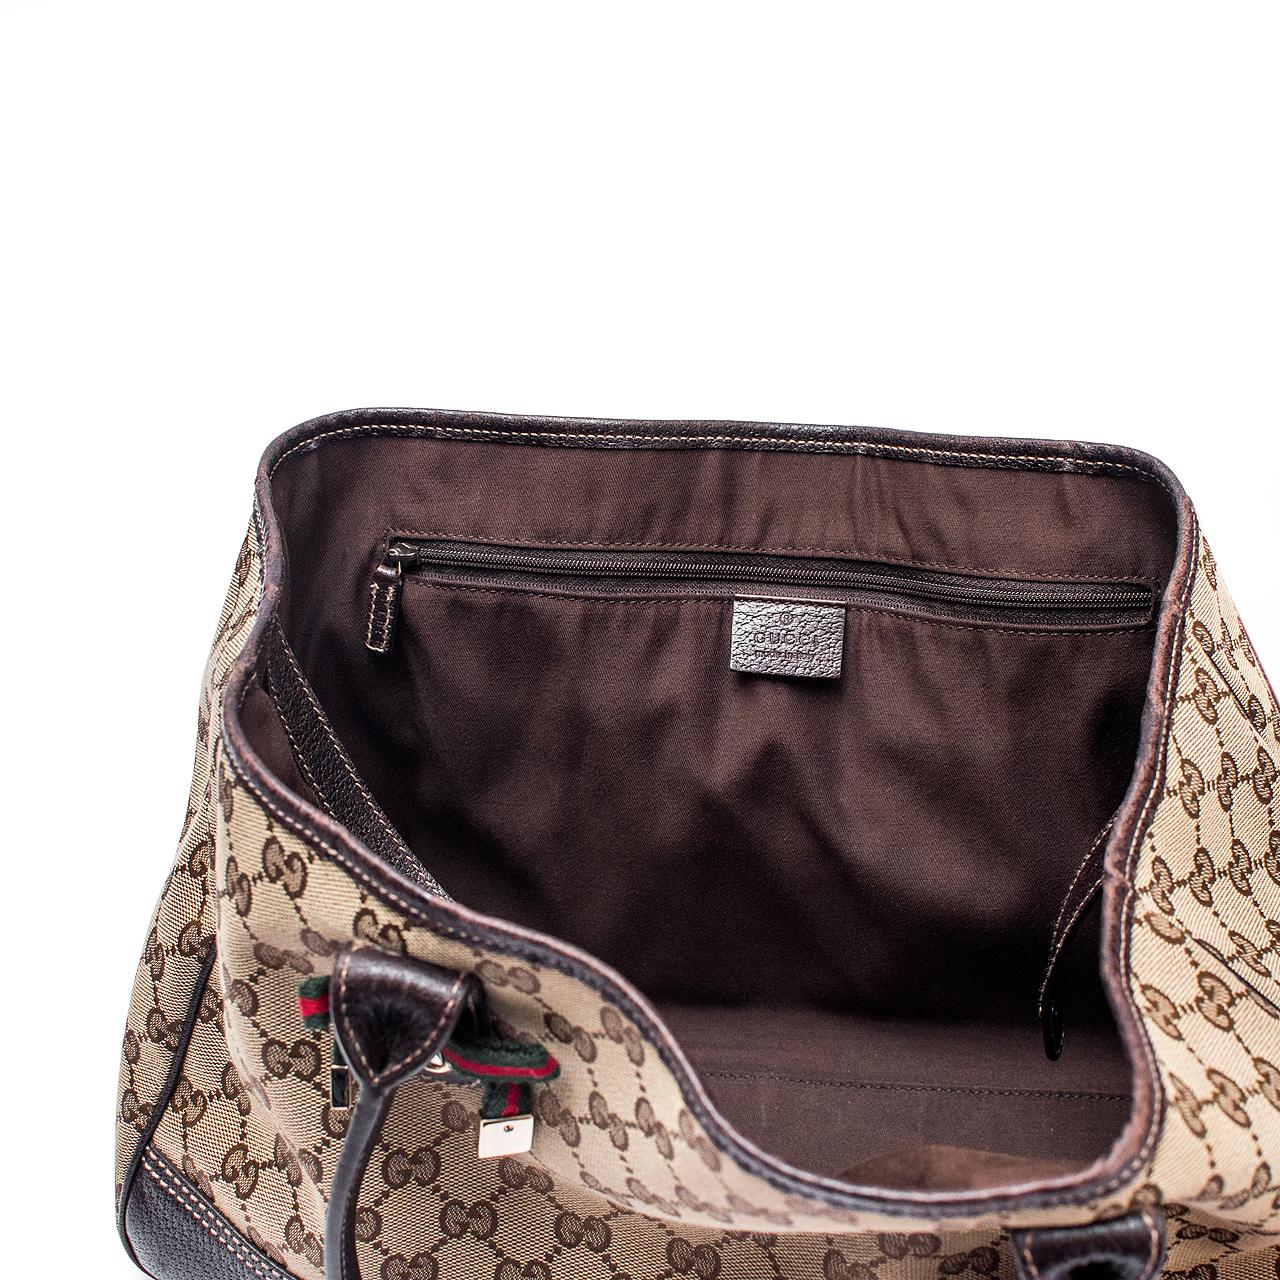 73241e86af38d Bolsa Gucci Marrom Grande. Box de Grife 333